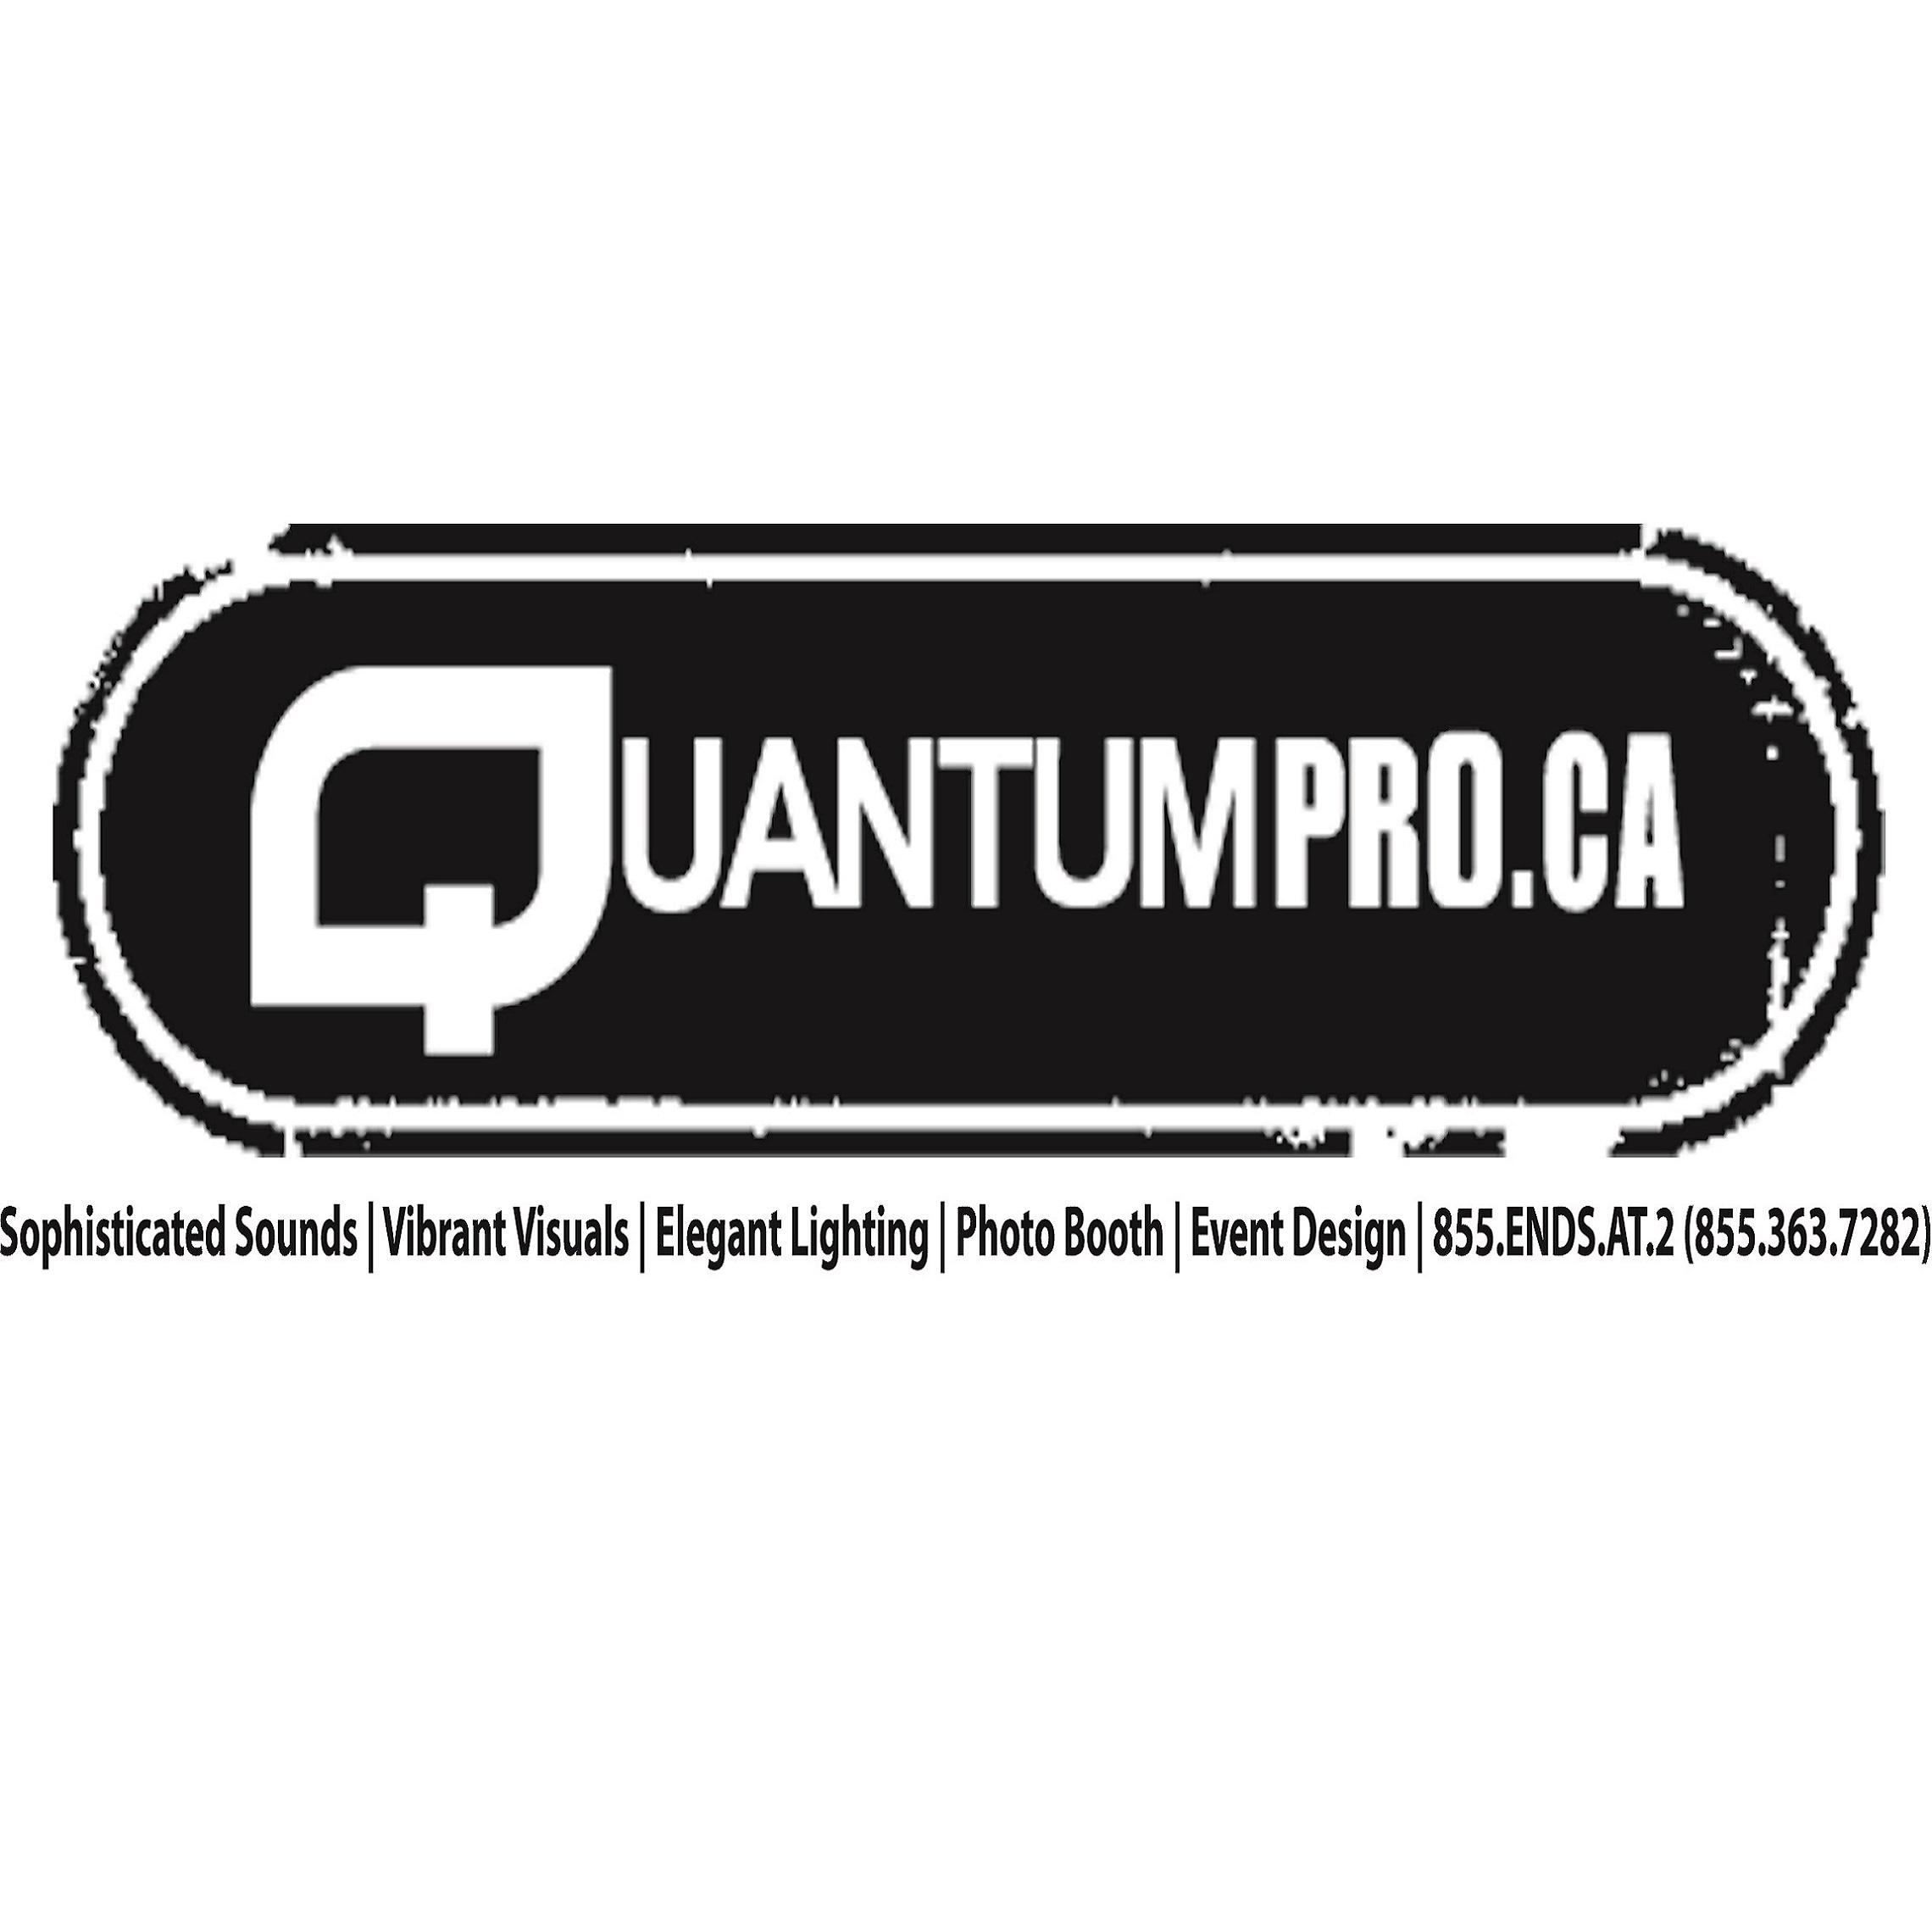 Quantum Productions